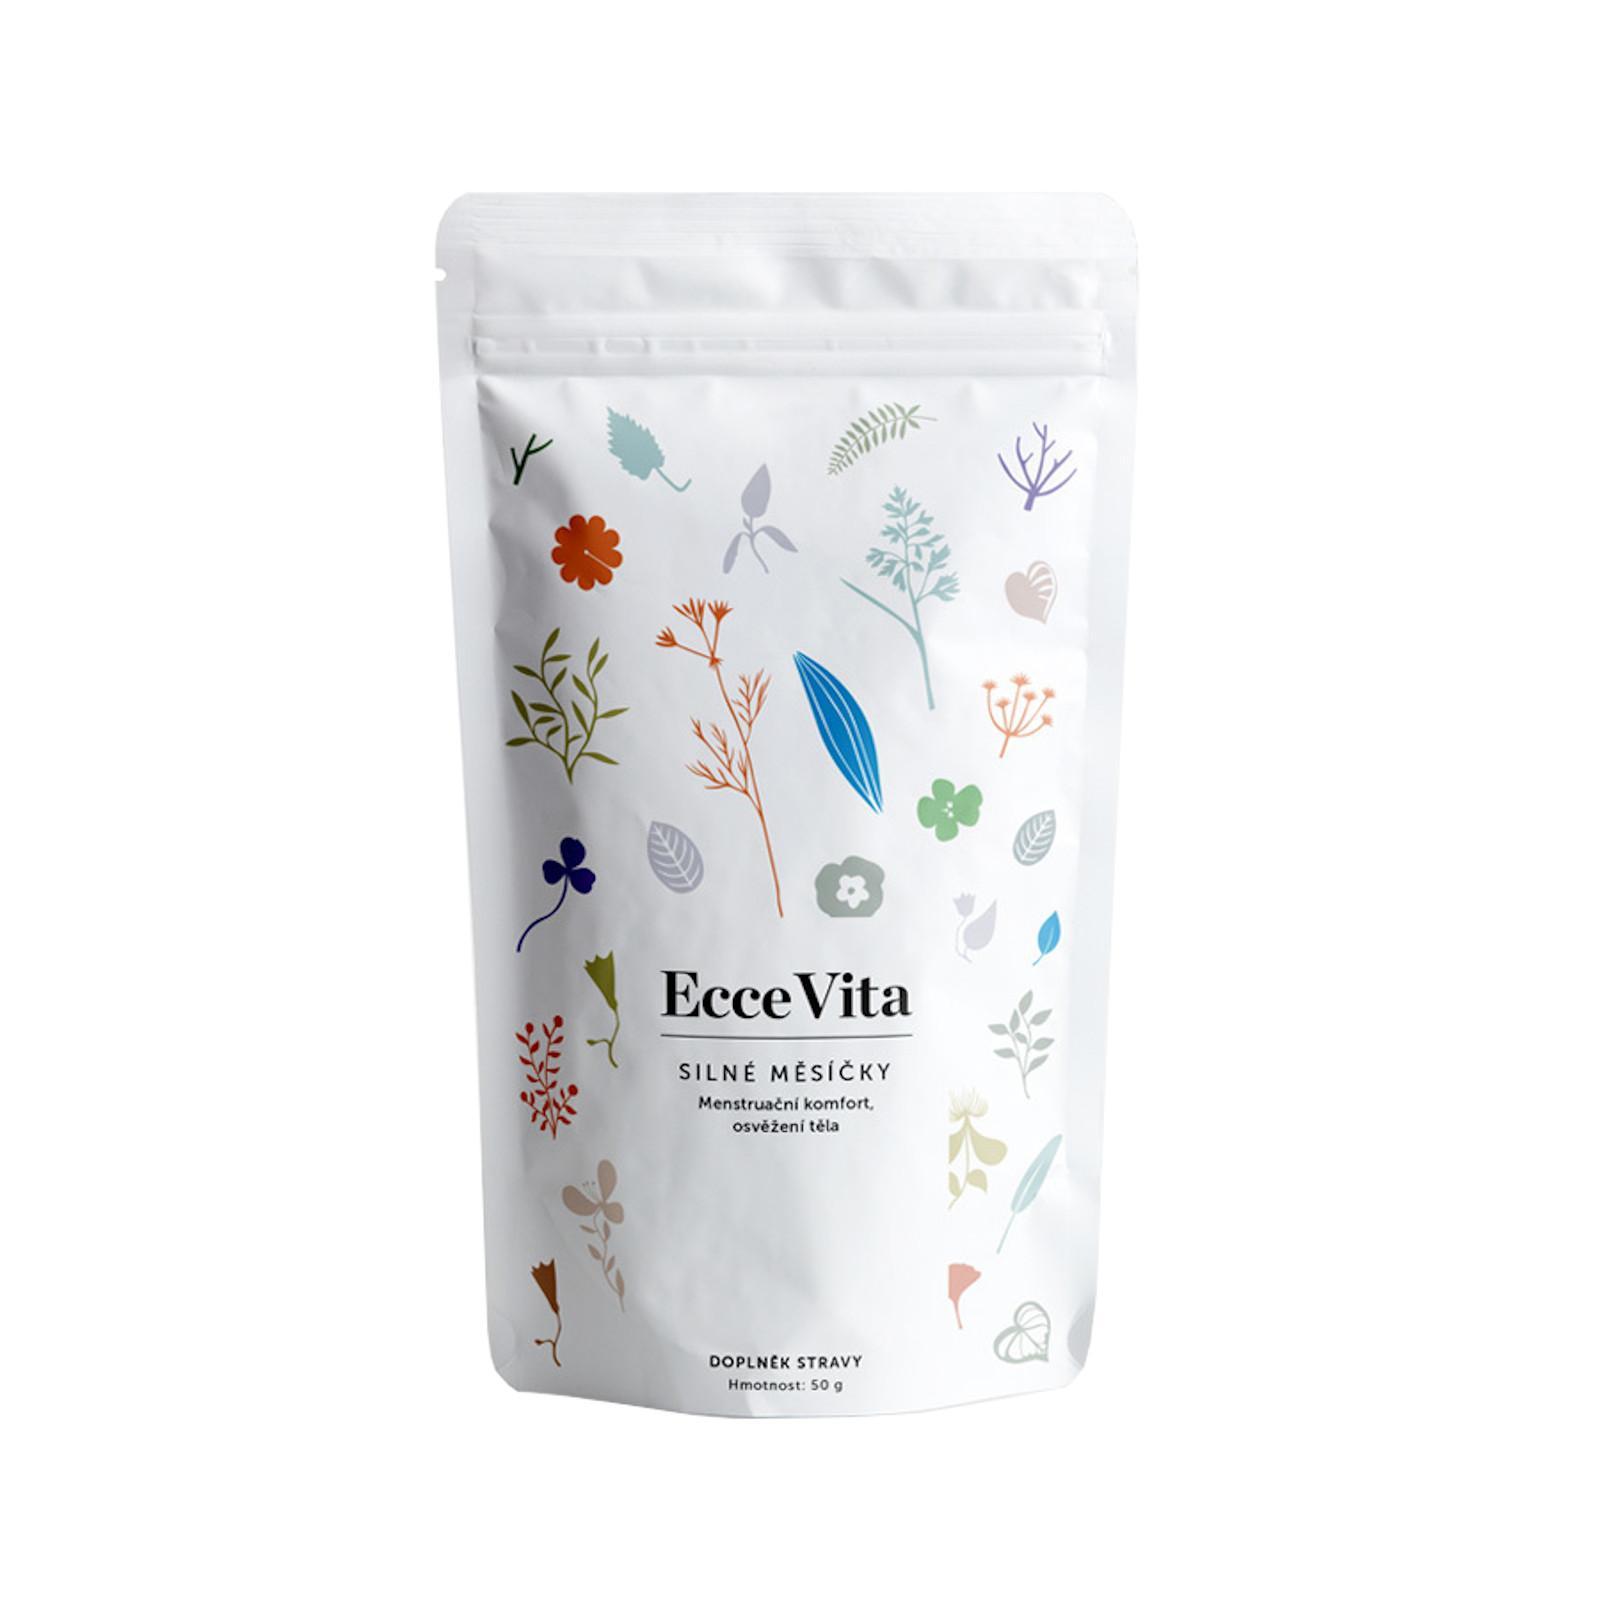 Ecce Vita Bylinný čaj sypaný Silné měsíčky 50 g